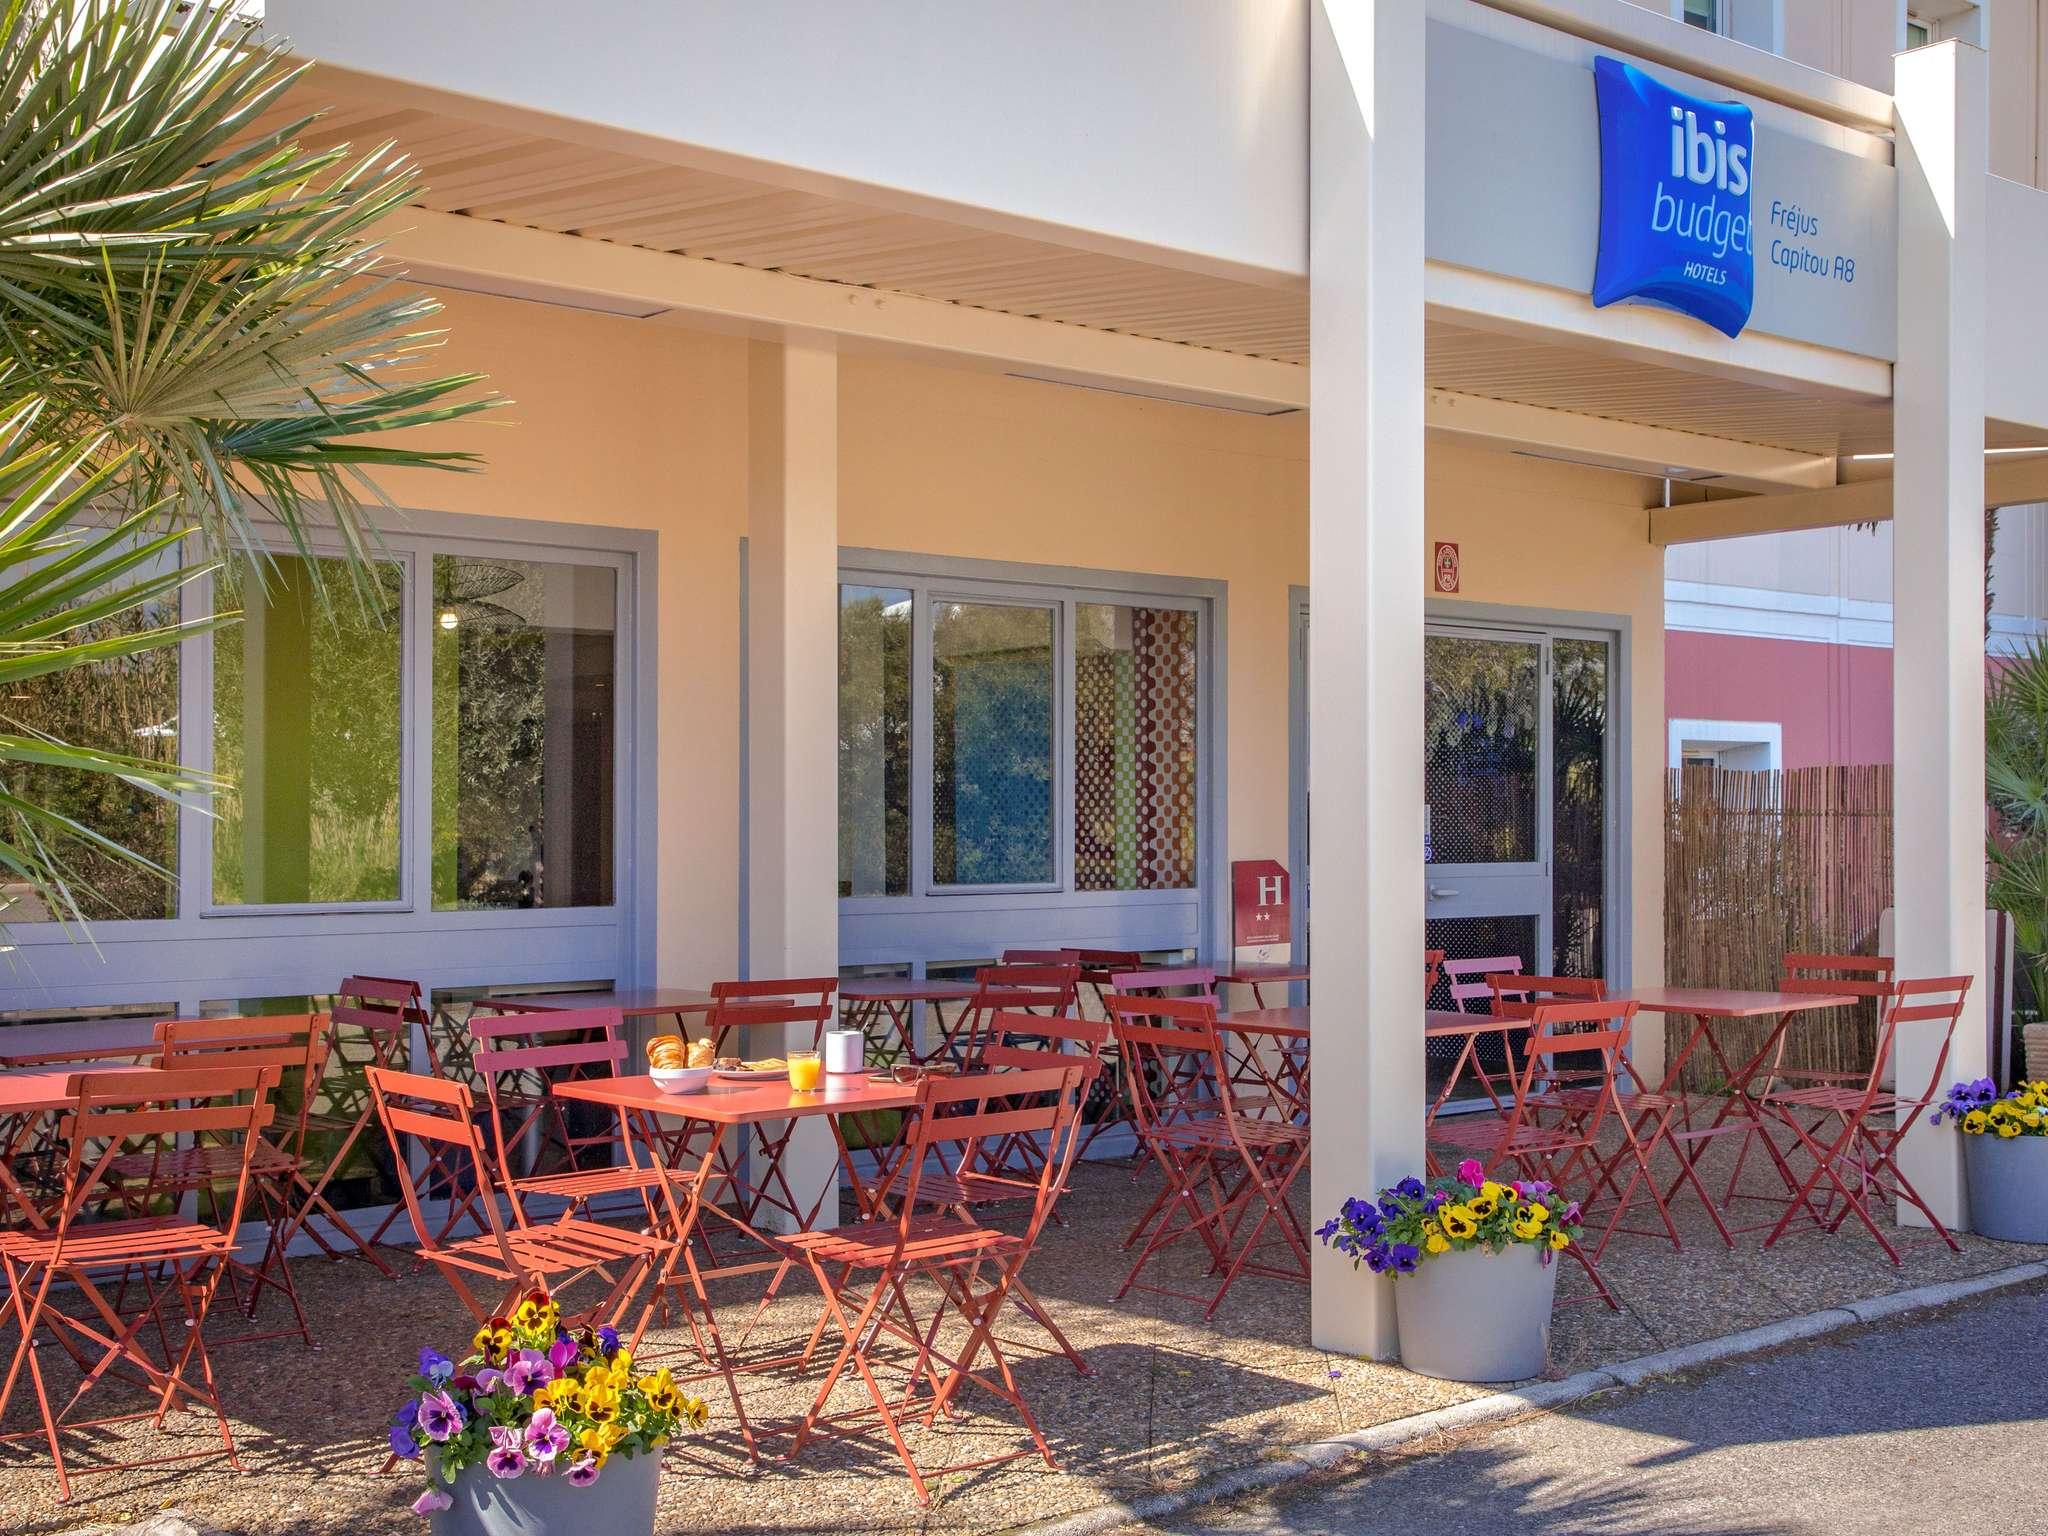 酒店 – 宜必思快捷弗雷瑞斯圣拉斐尔 A8 酒店